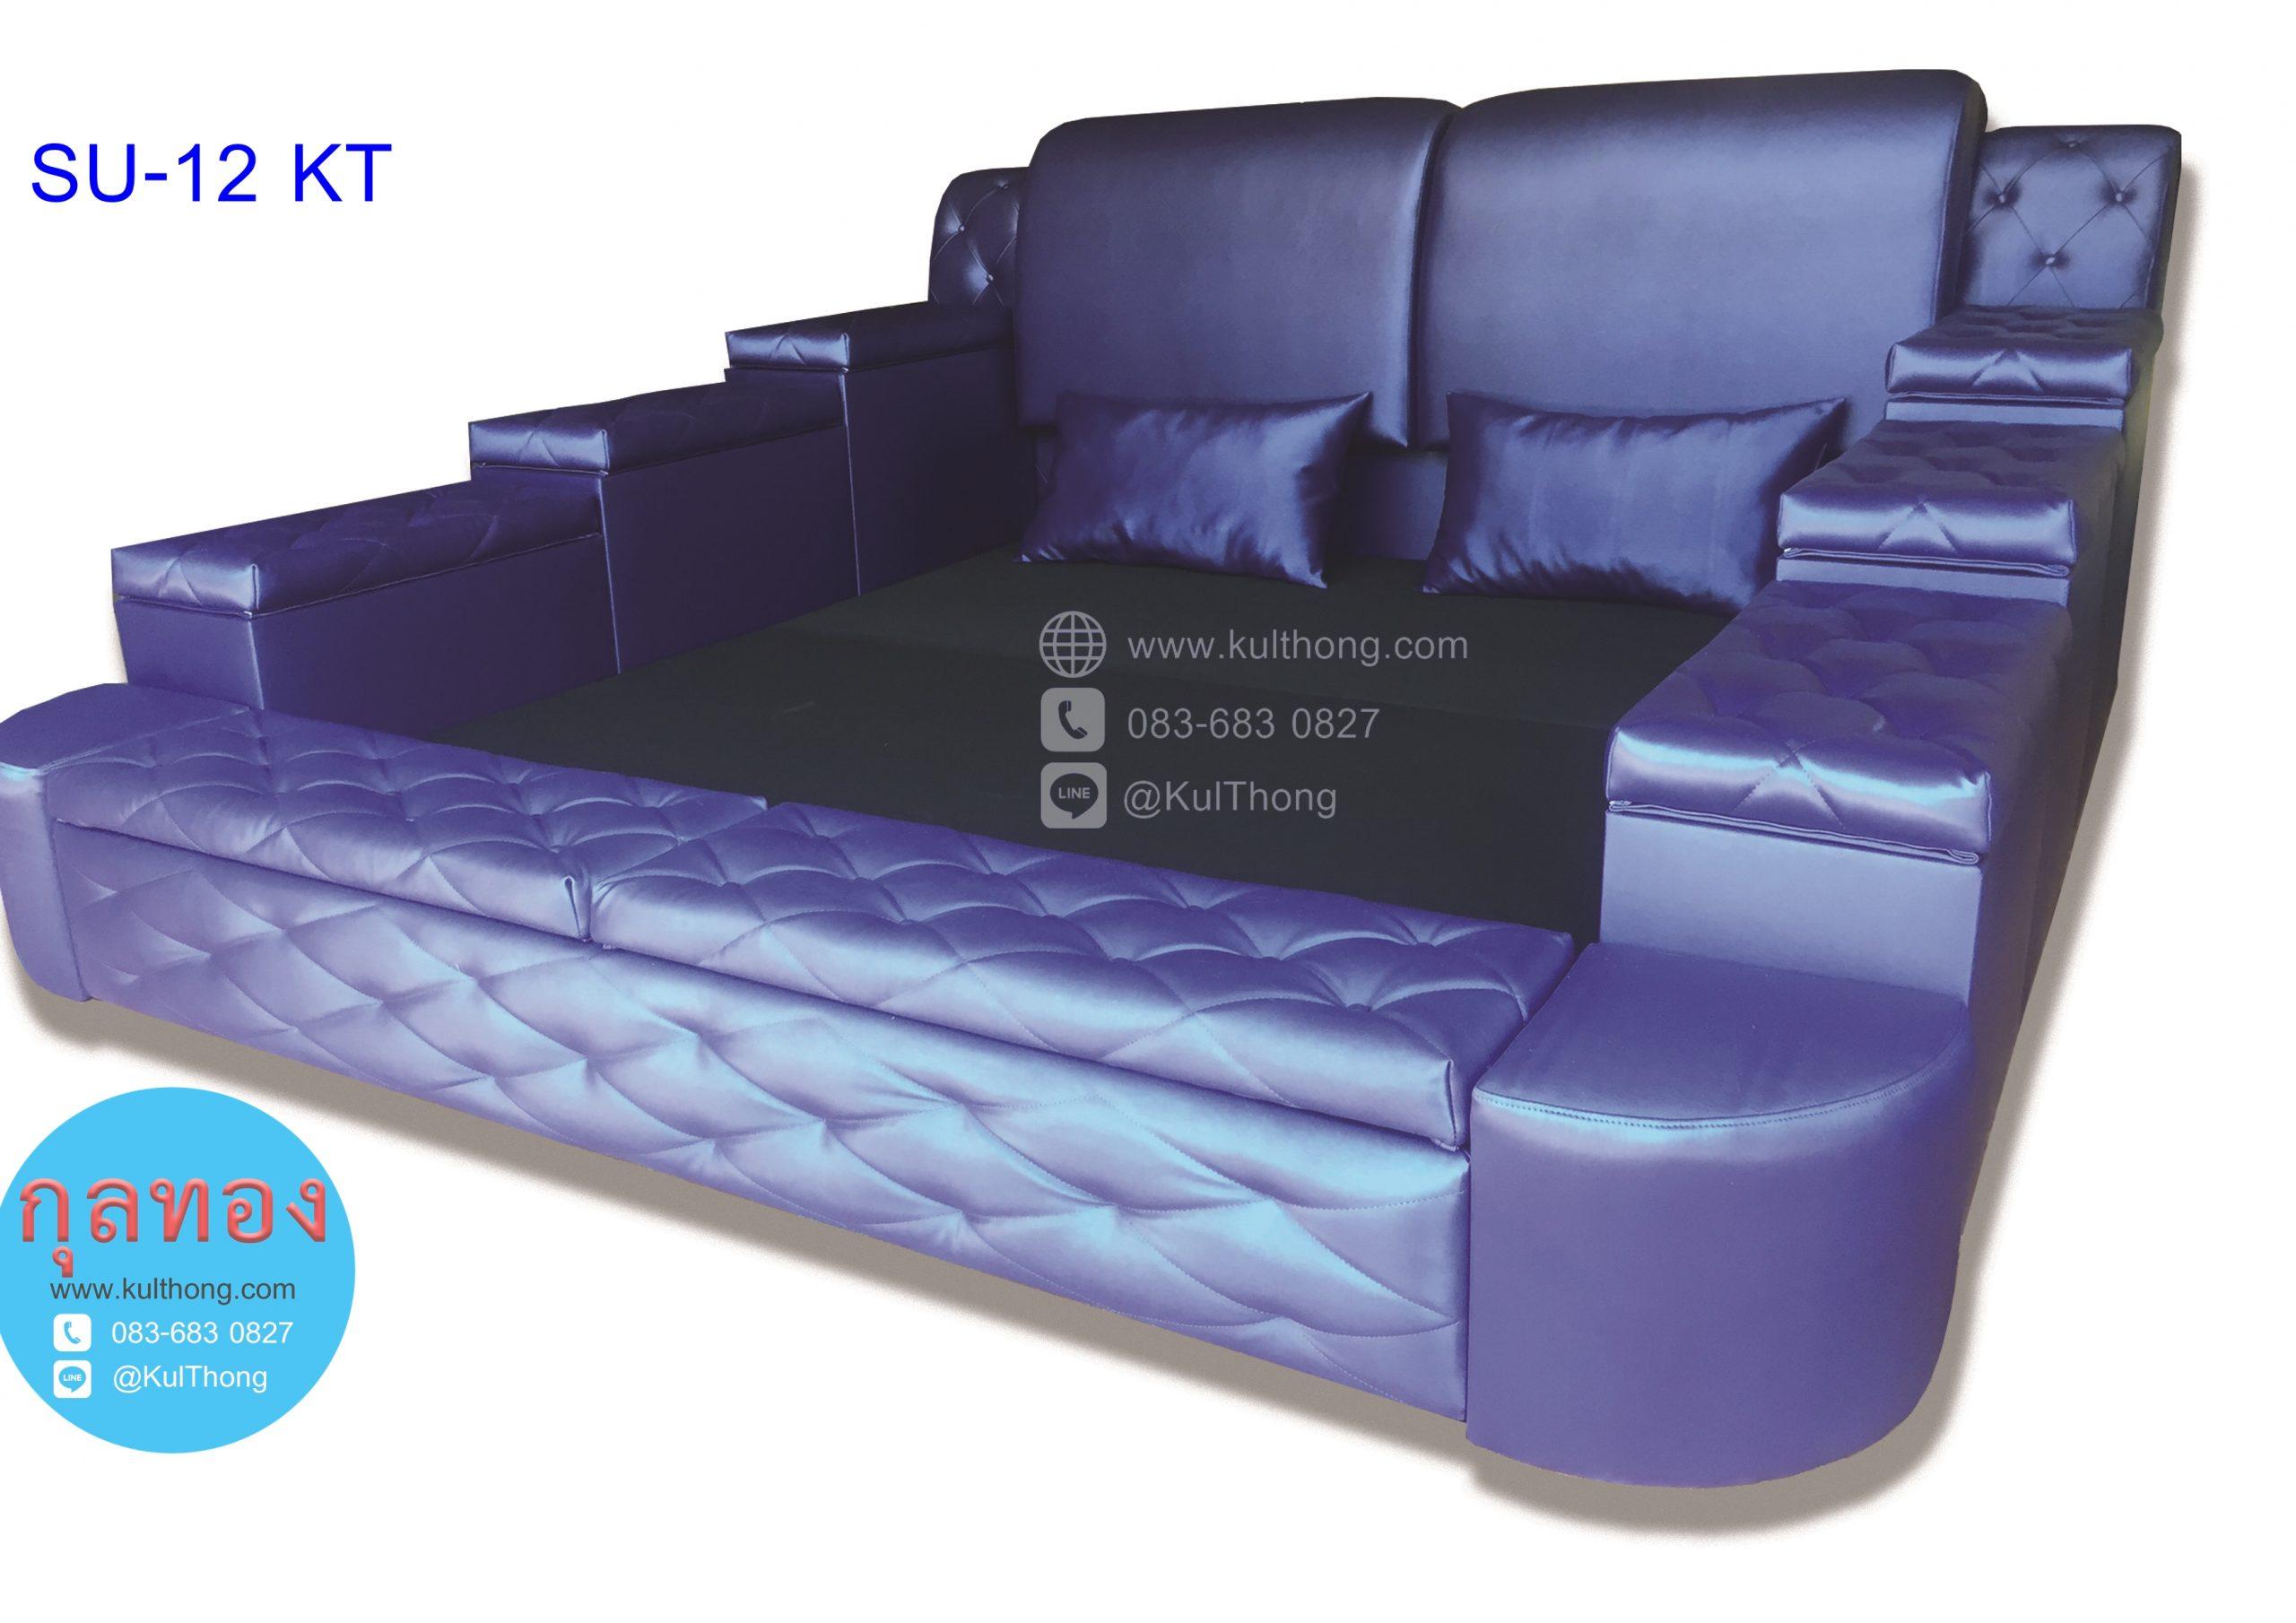 เตียงกล่อง 6 ฟุต เตียงกล่อง 3.5 ฟุต เตียงกล่อง 5 ฟุต